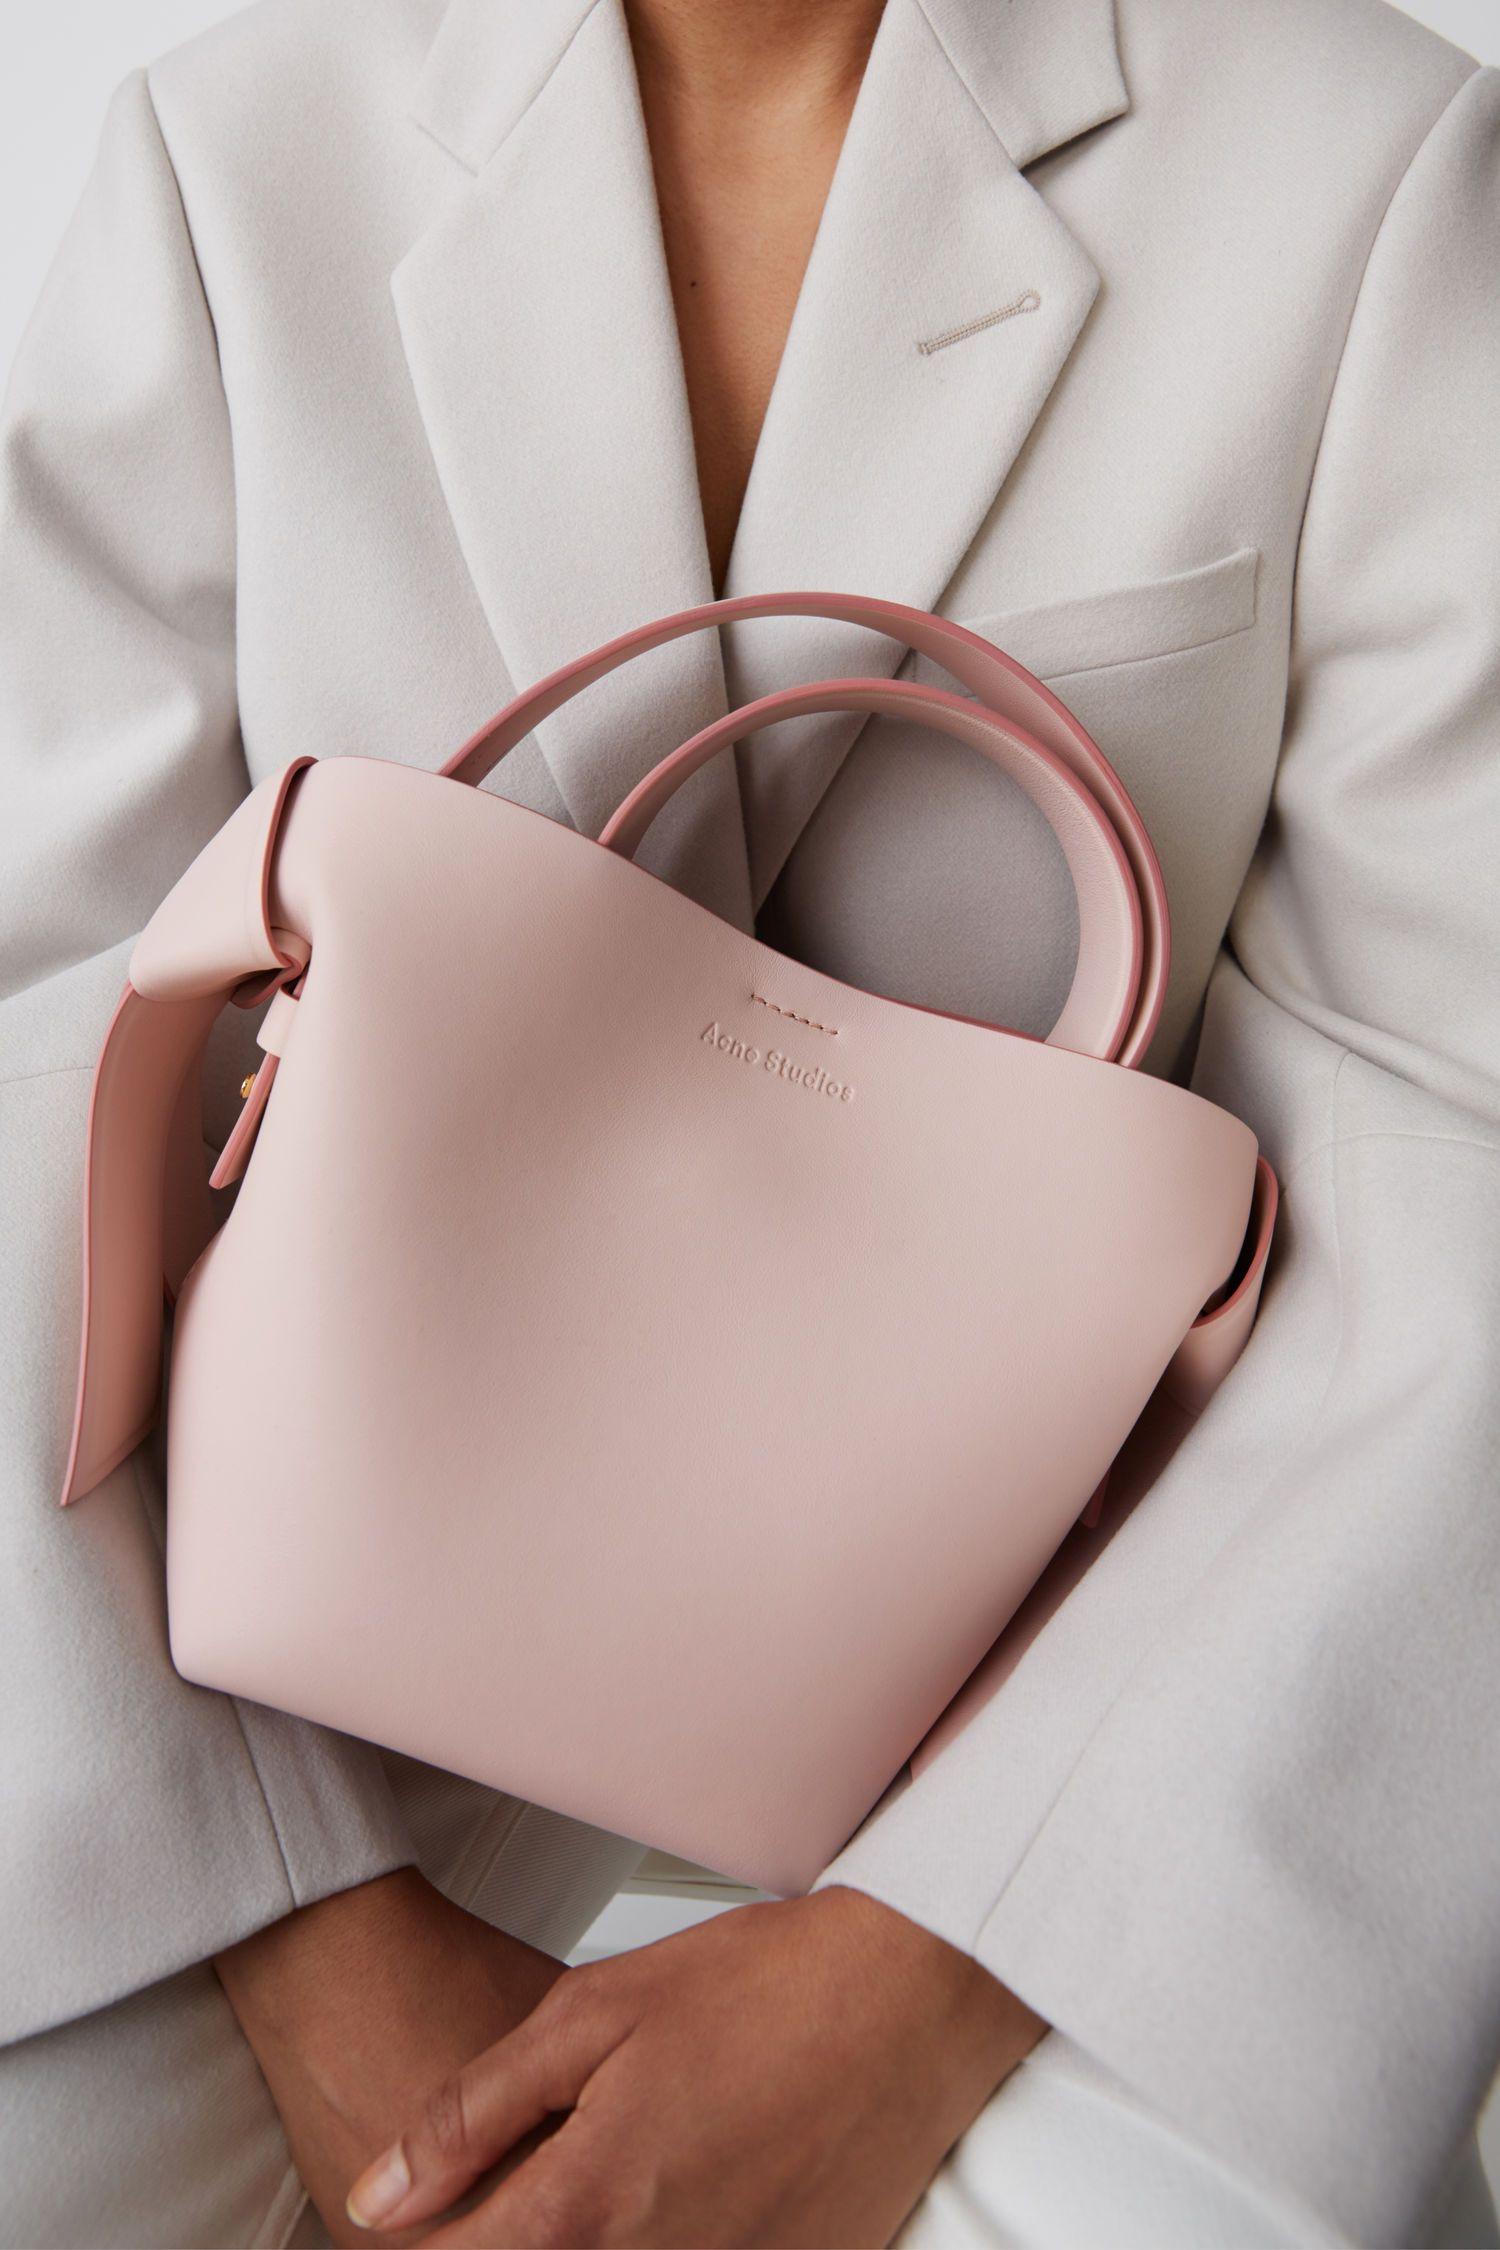 Acne Studios Musubi Mini Powder pink   Bags, Leather